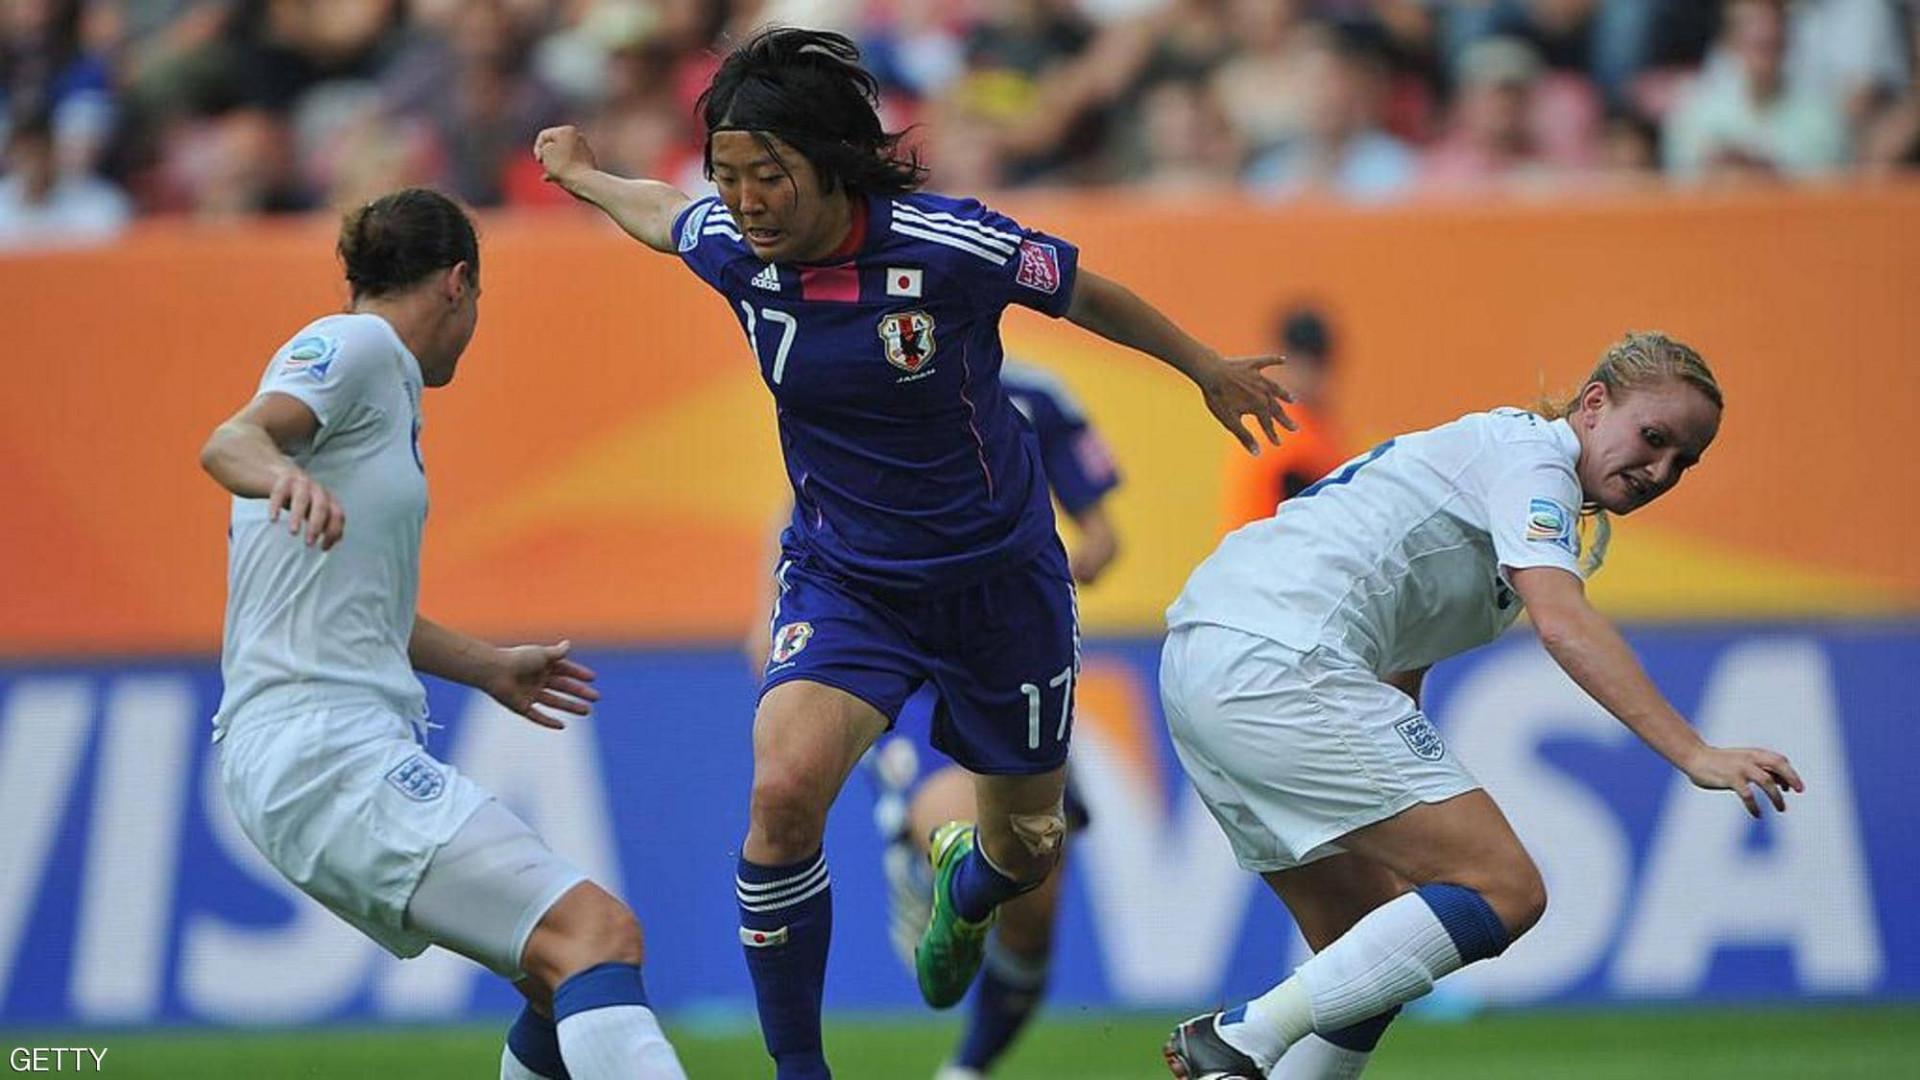 كسرت القاعدة.. لاعبة كرة قدم يابانية تنضم لفريق للرجال